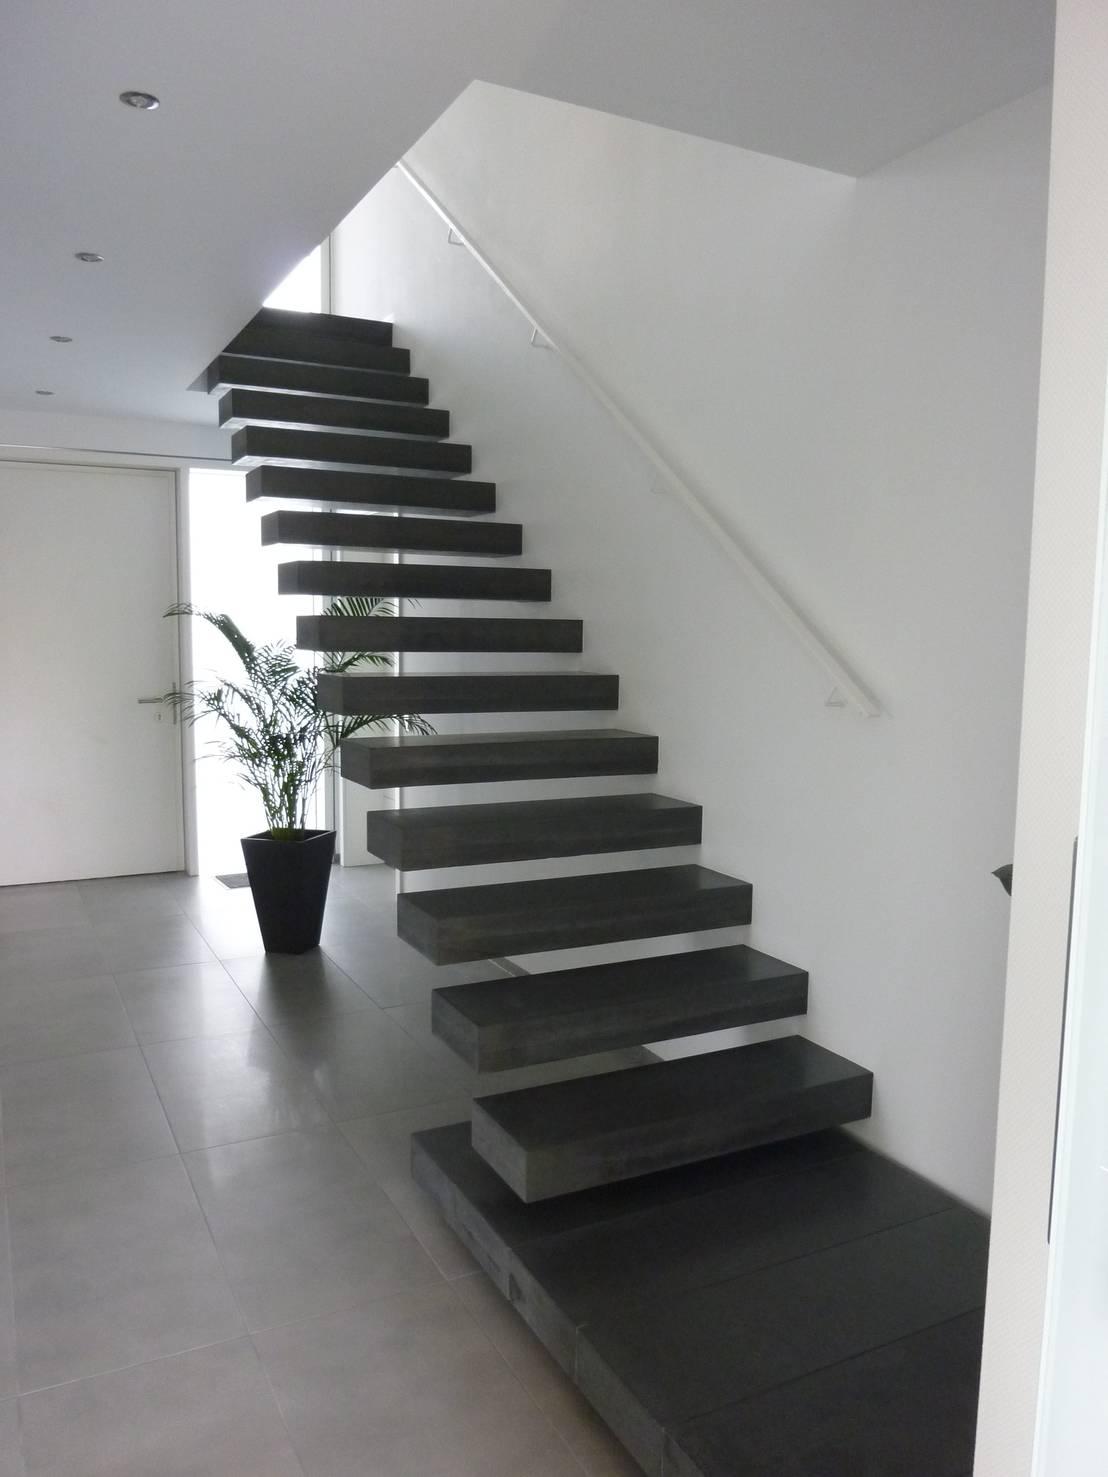 sichtbeton kragarmtreppe von harr betondesign homify. Black Bedroom Furniture Sets. Home Design Ideas